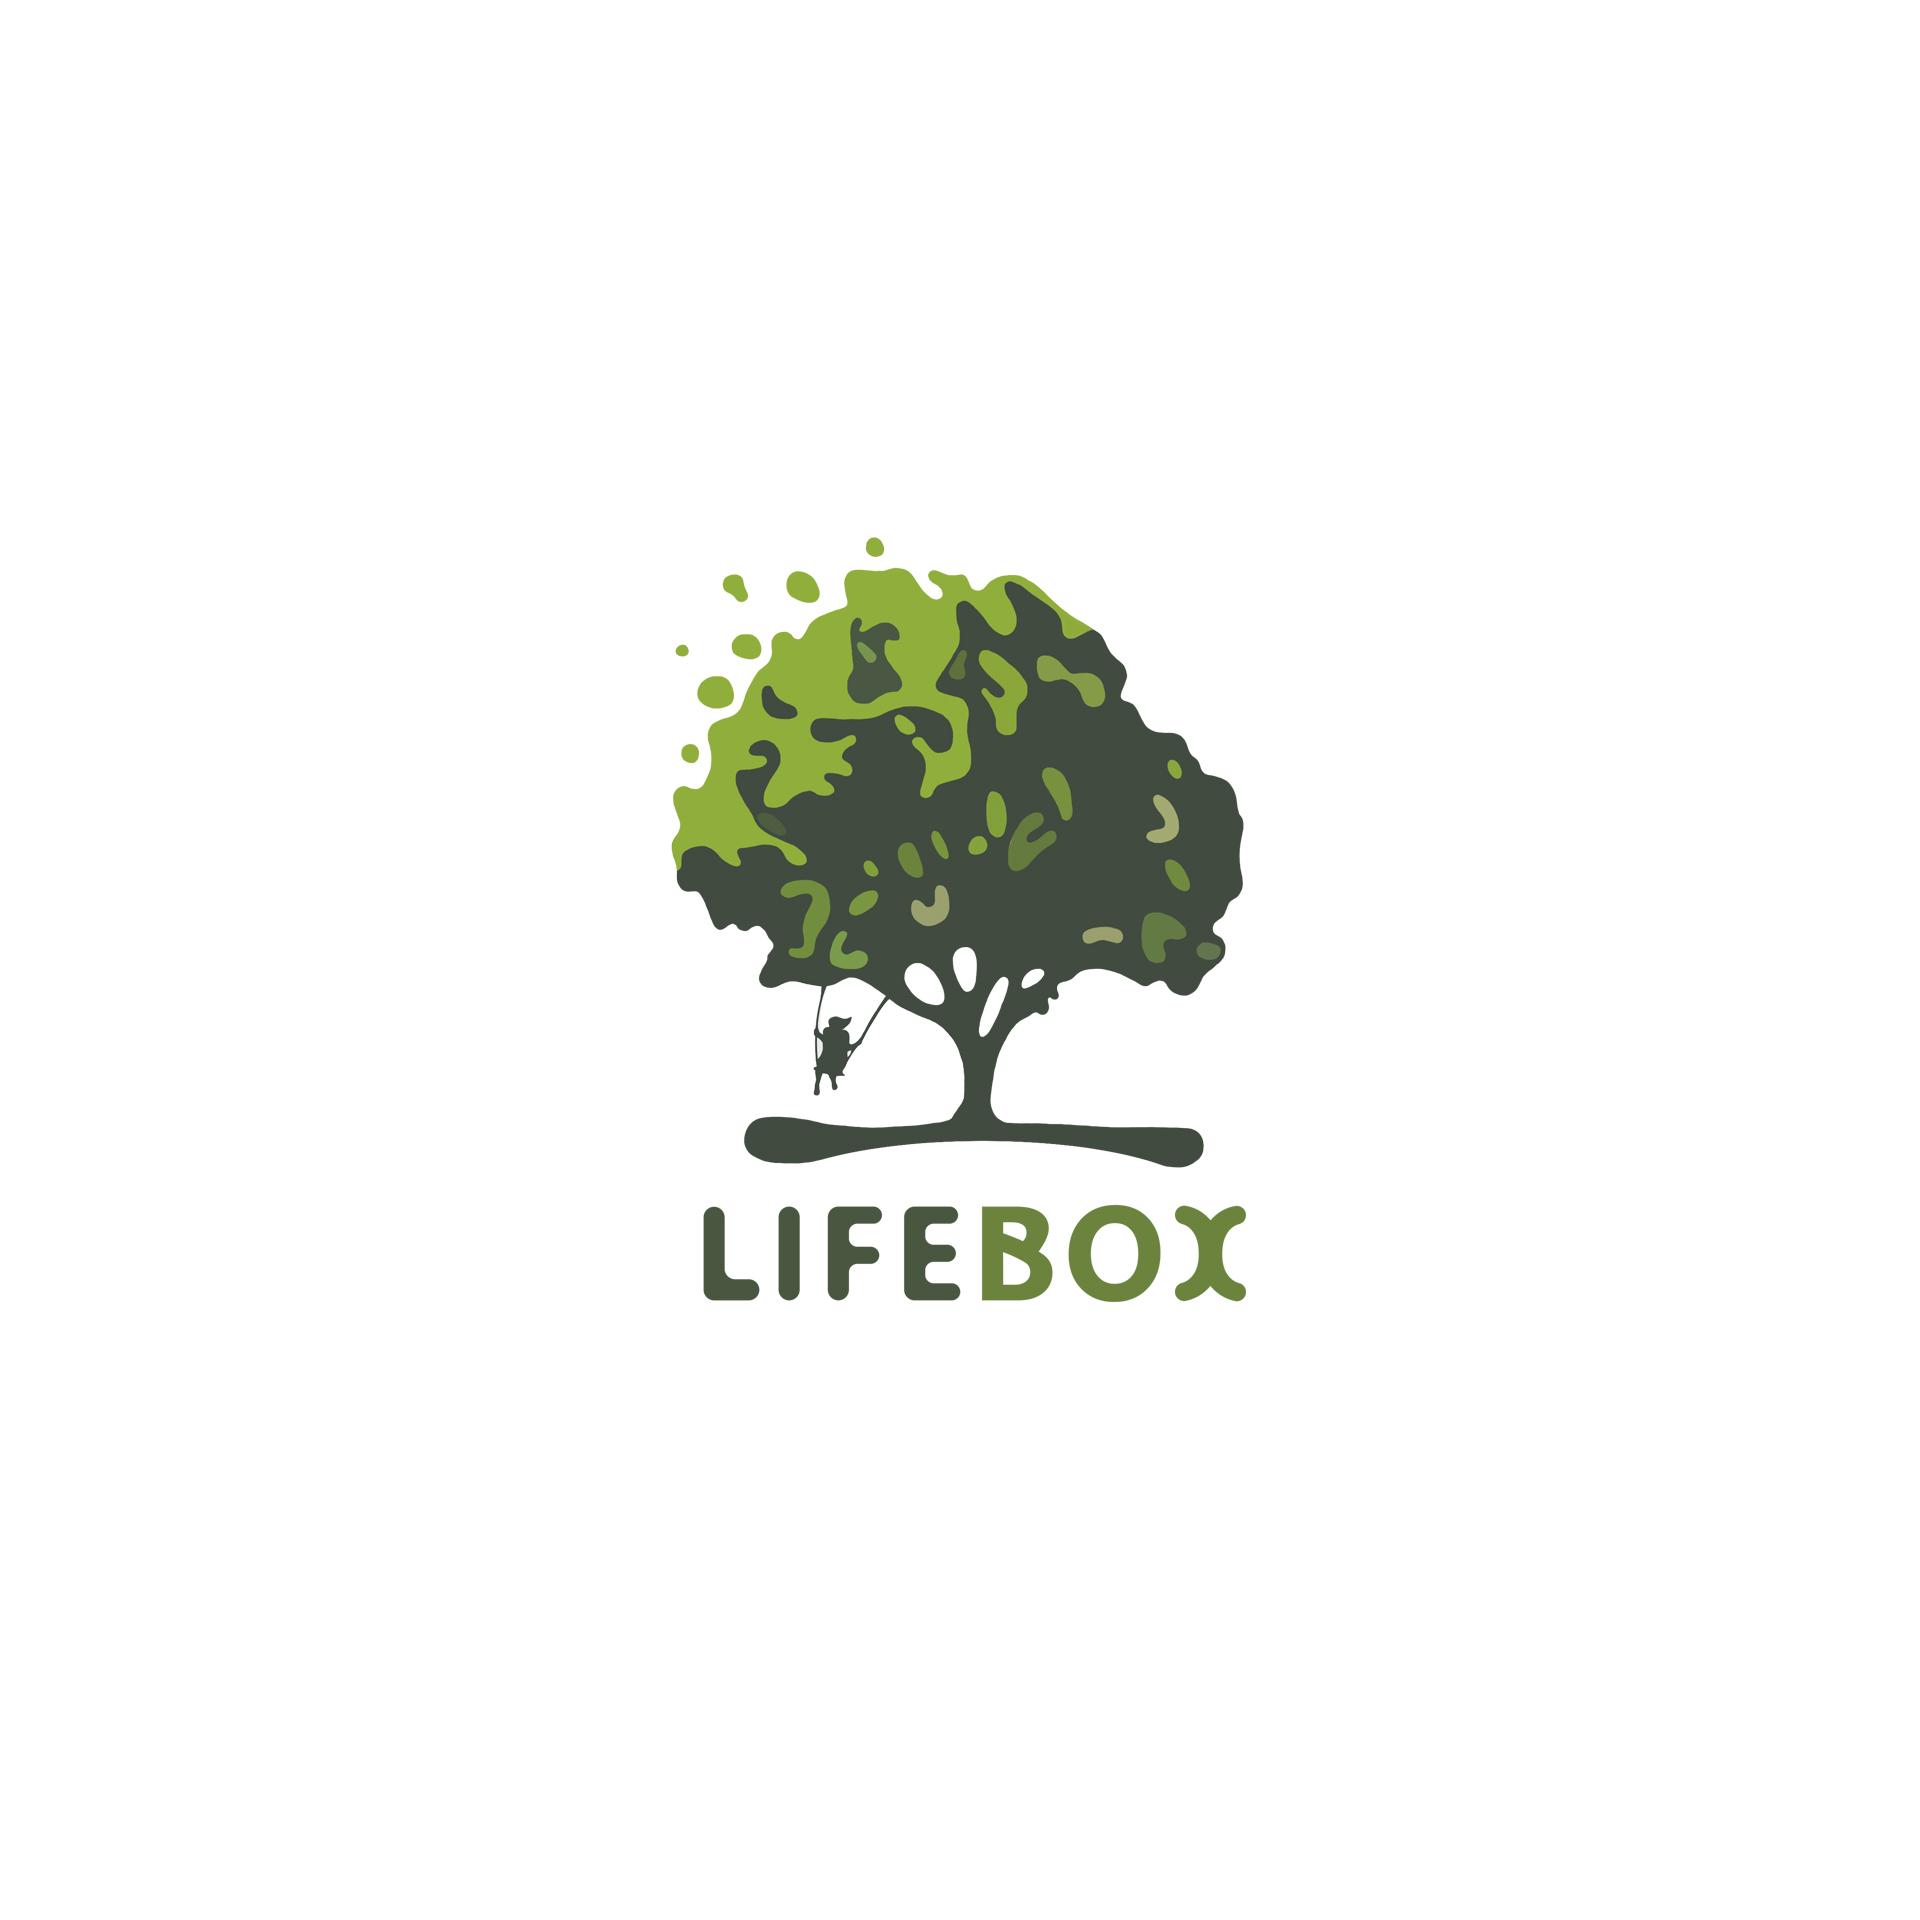 Разработка Логотипа. Победитель получит расширеный заказ  фото f_7025c3c7a3490fc4.jpg